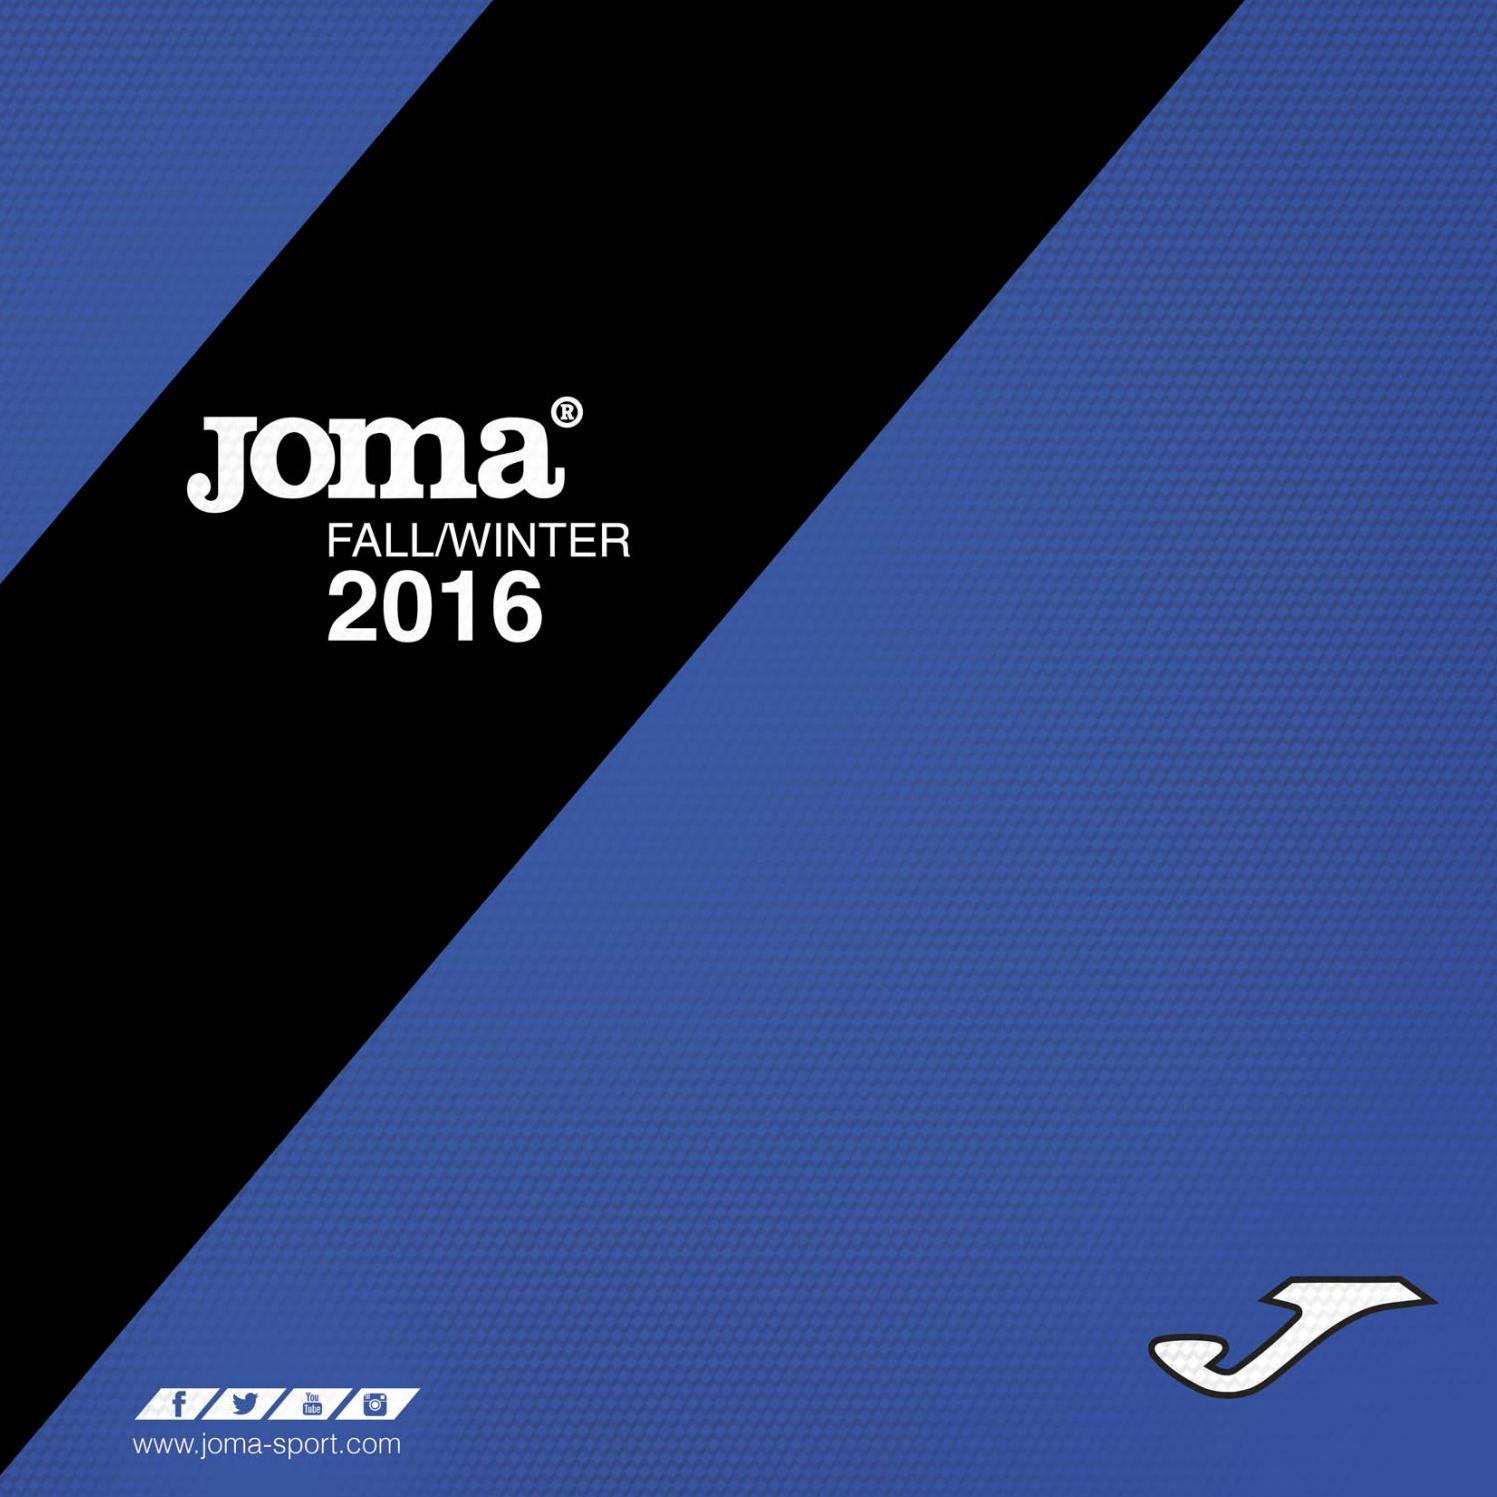 Joma fall winter 2016 lr by timmy8712 - issuu 1448ffa992258